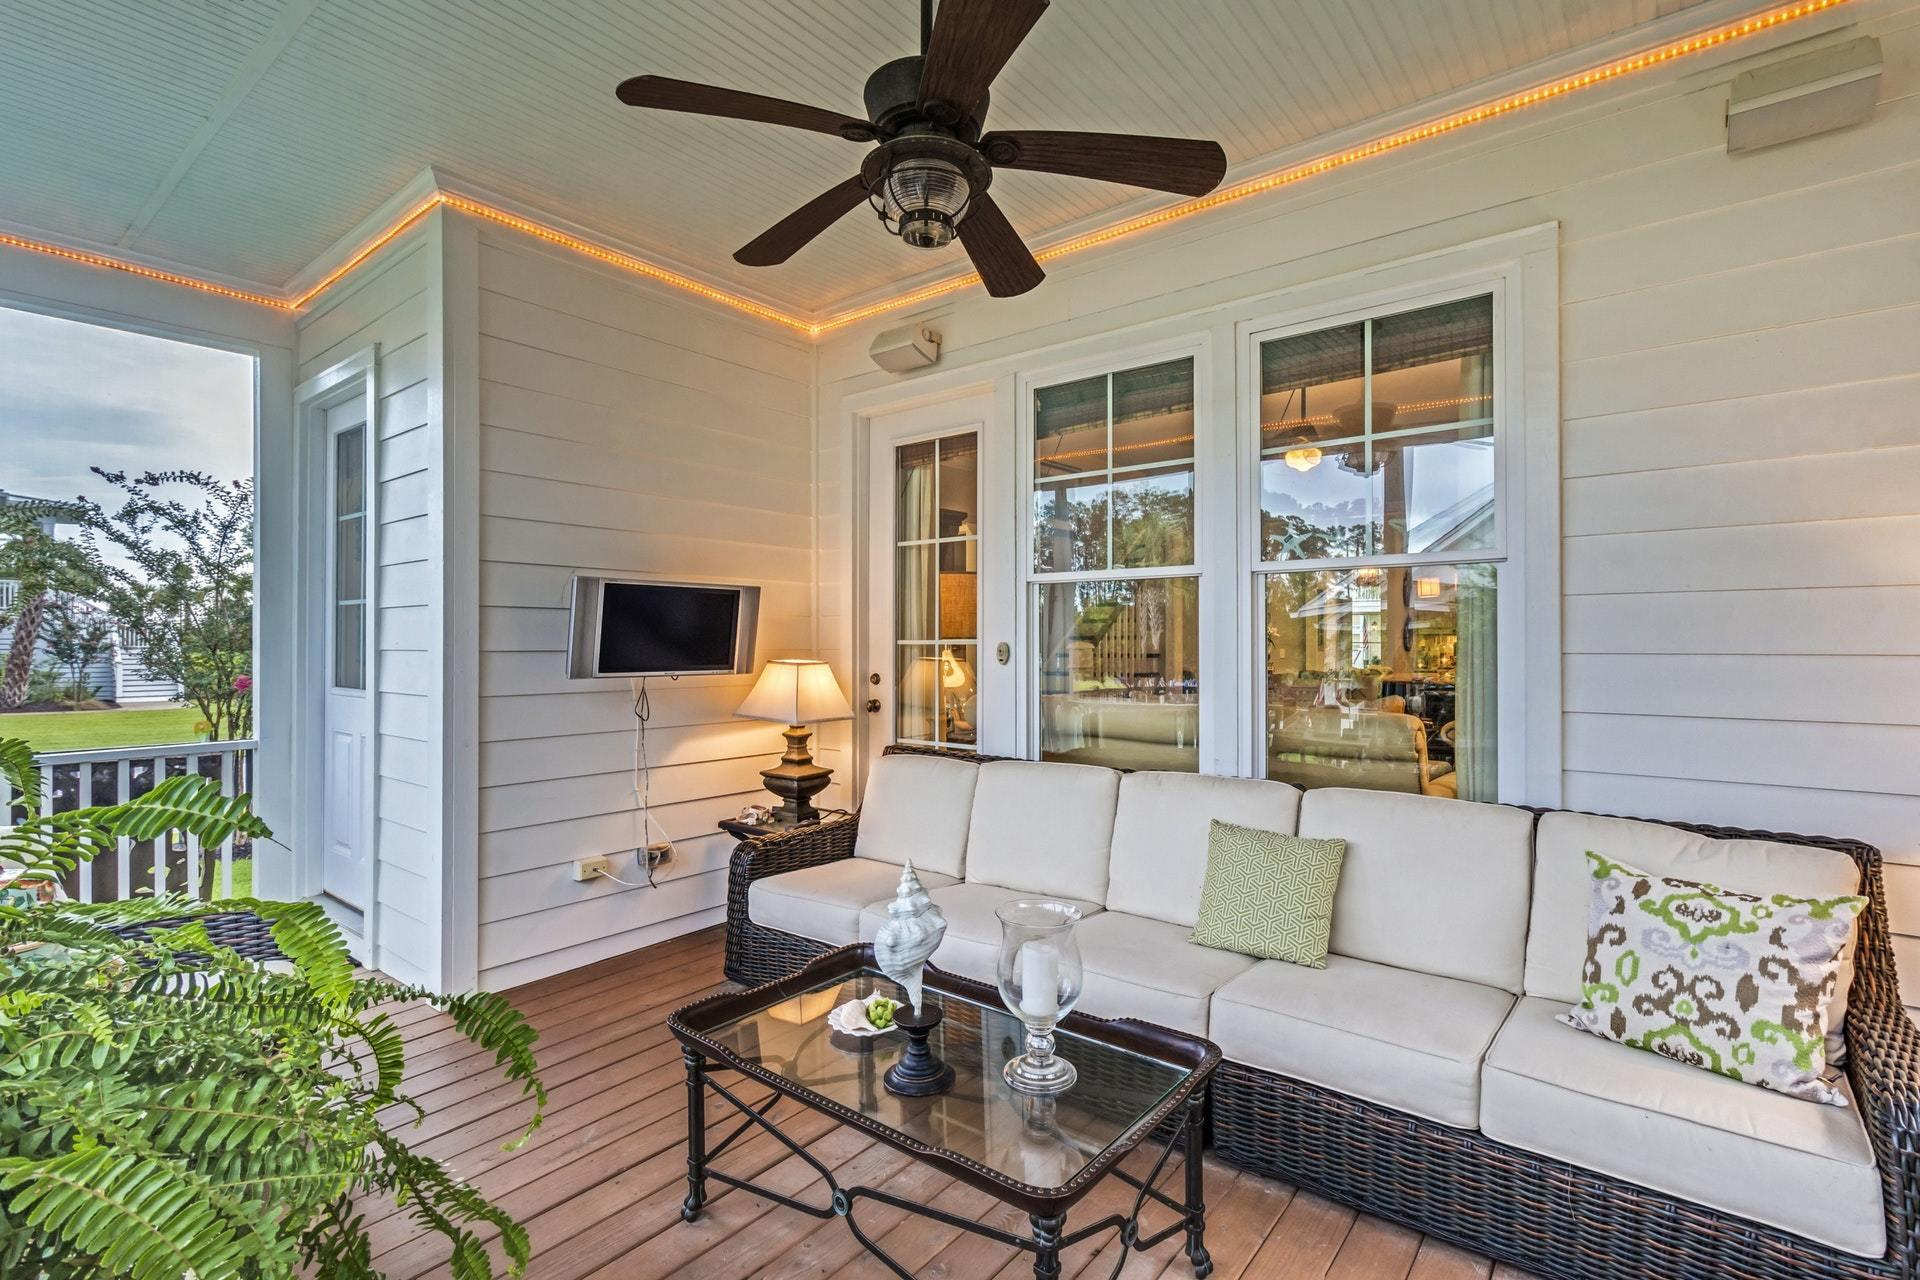 Dunes West Homes For Sale - 2816 River Vista, Mount Pleasant, SC - 27